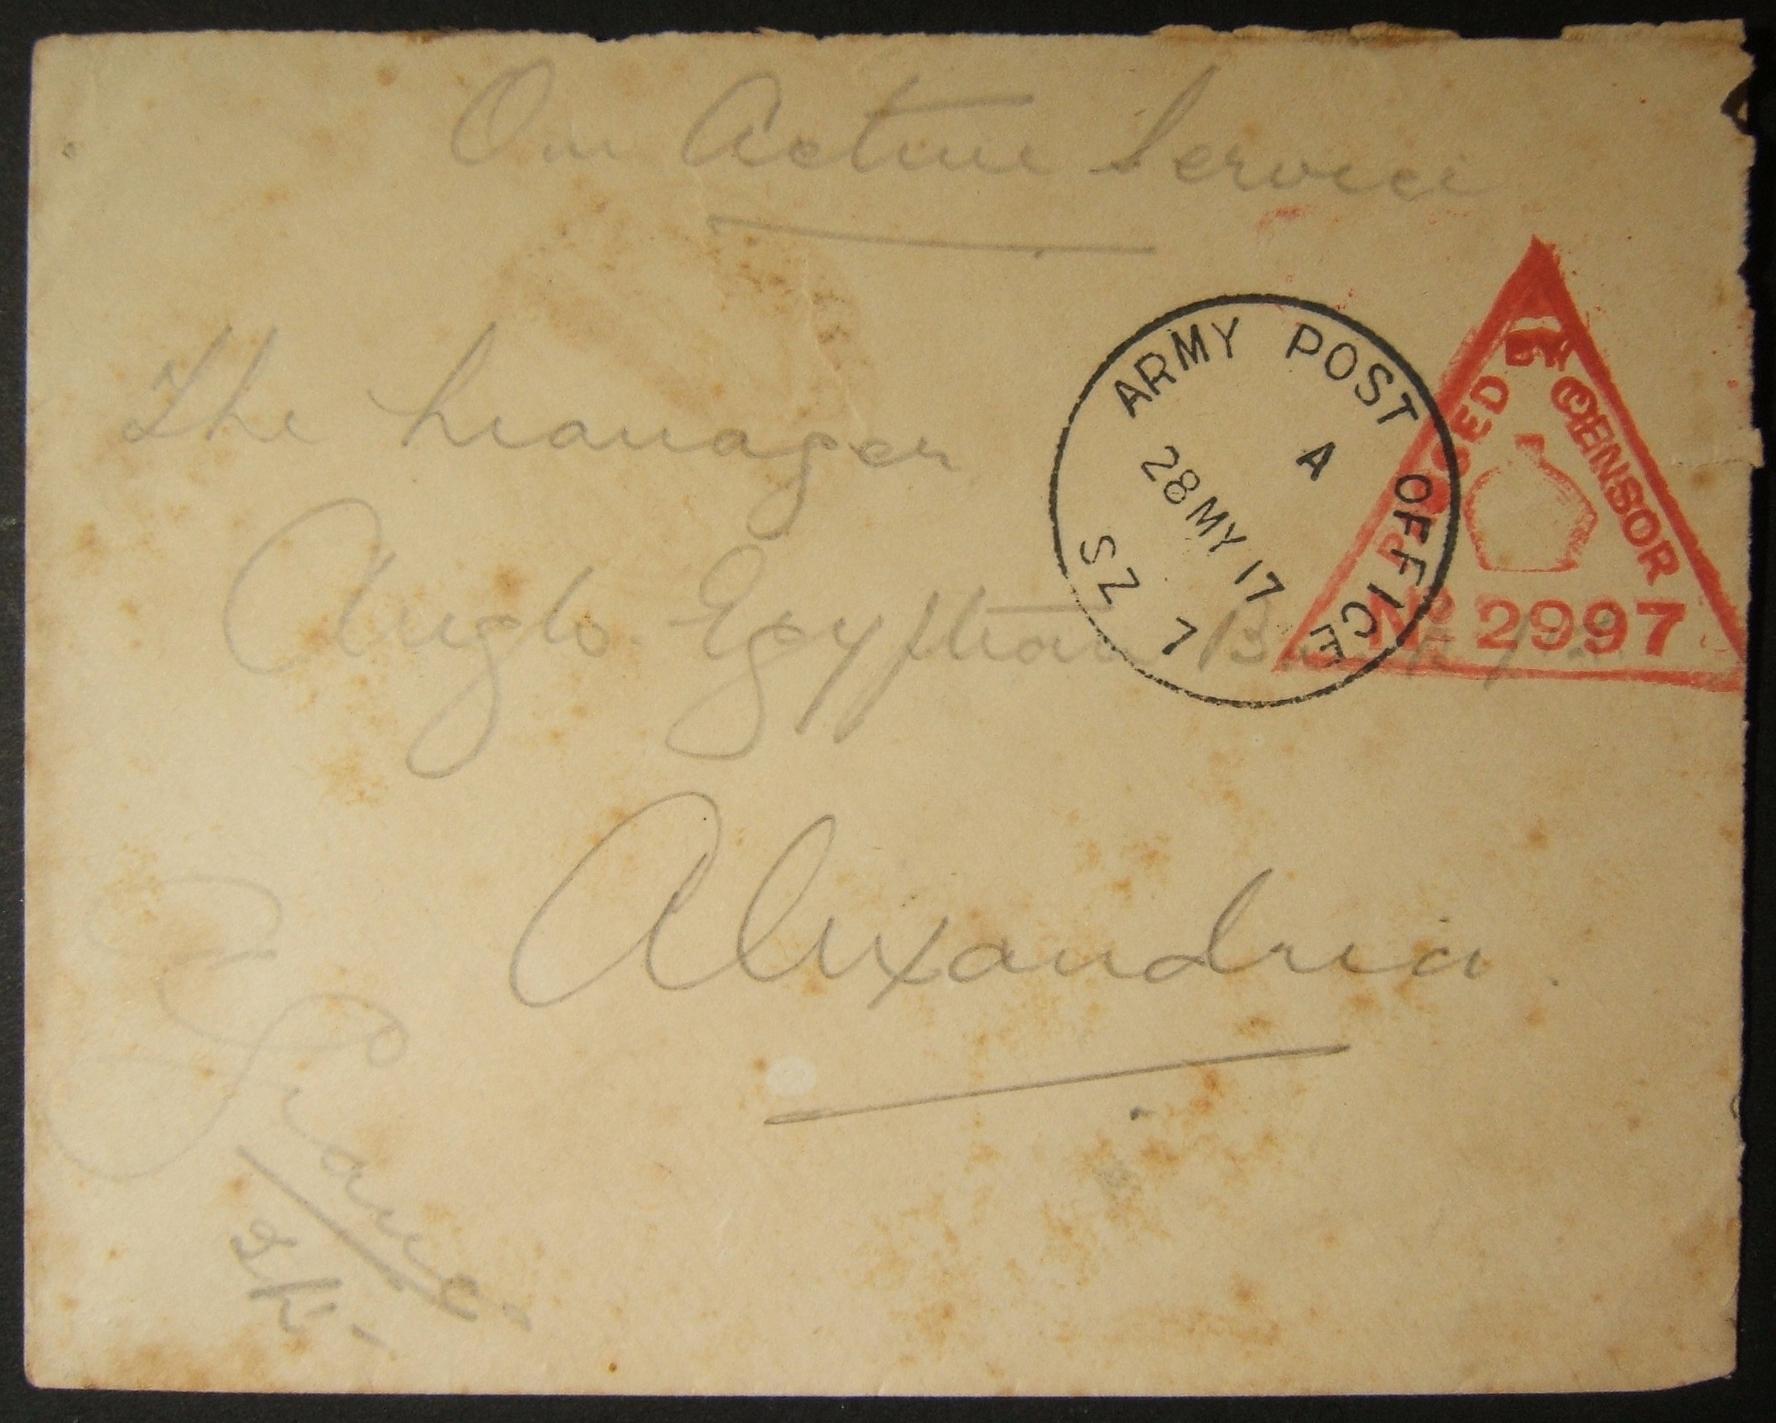 5/1917 מלחמת העולם הראשונה מצרים מצליחה לדפוק דואר צבאי בריטי מ- APO SZ 7 (SINAI) לאקסנדריה